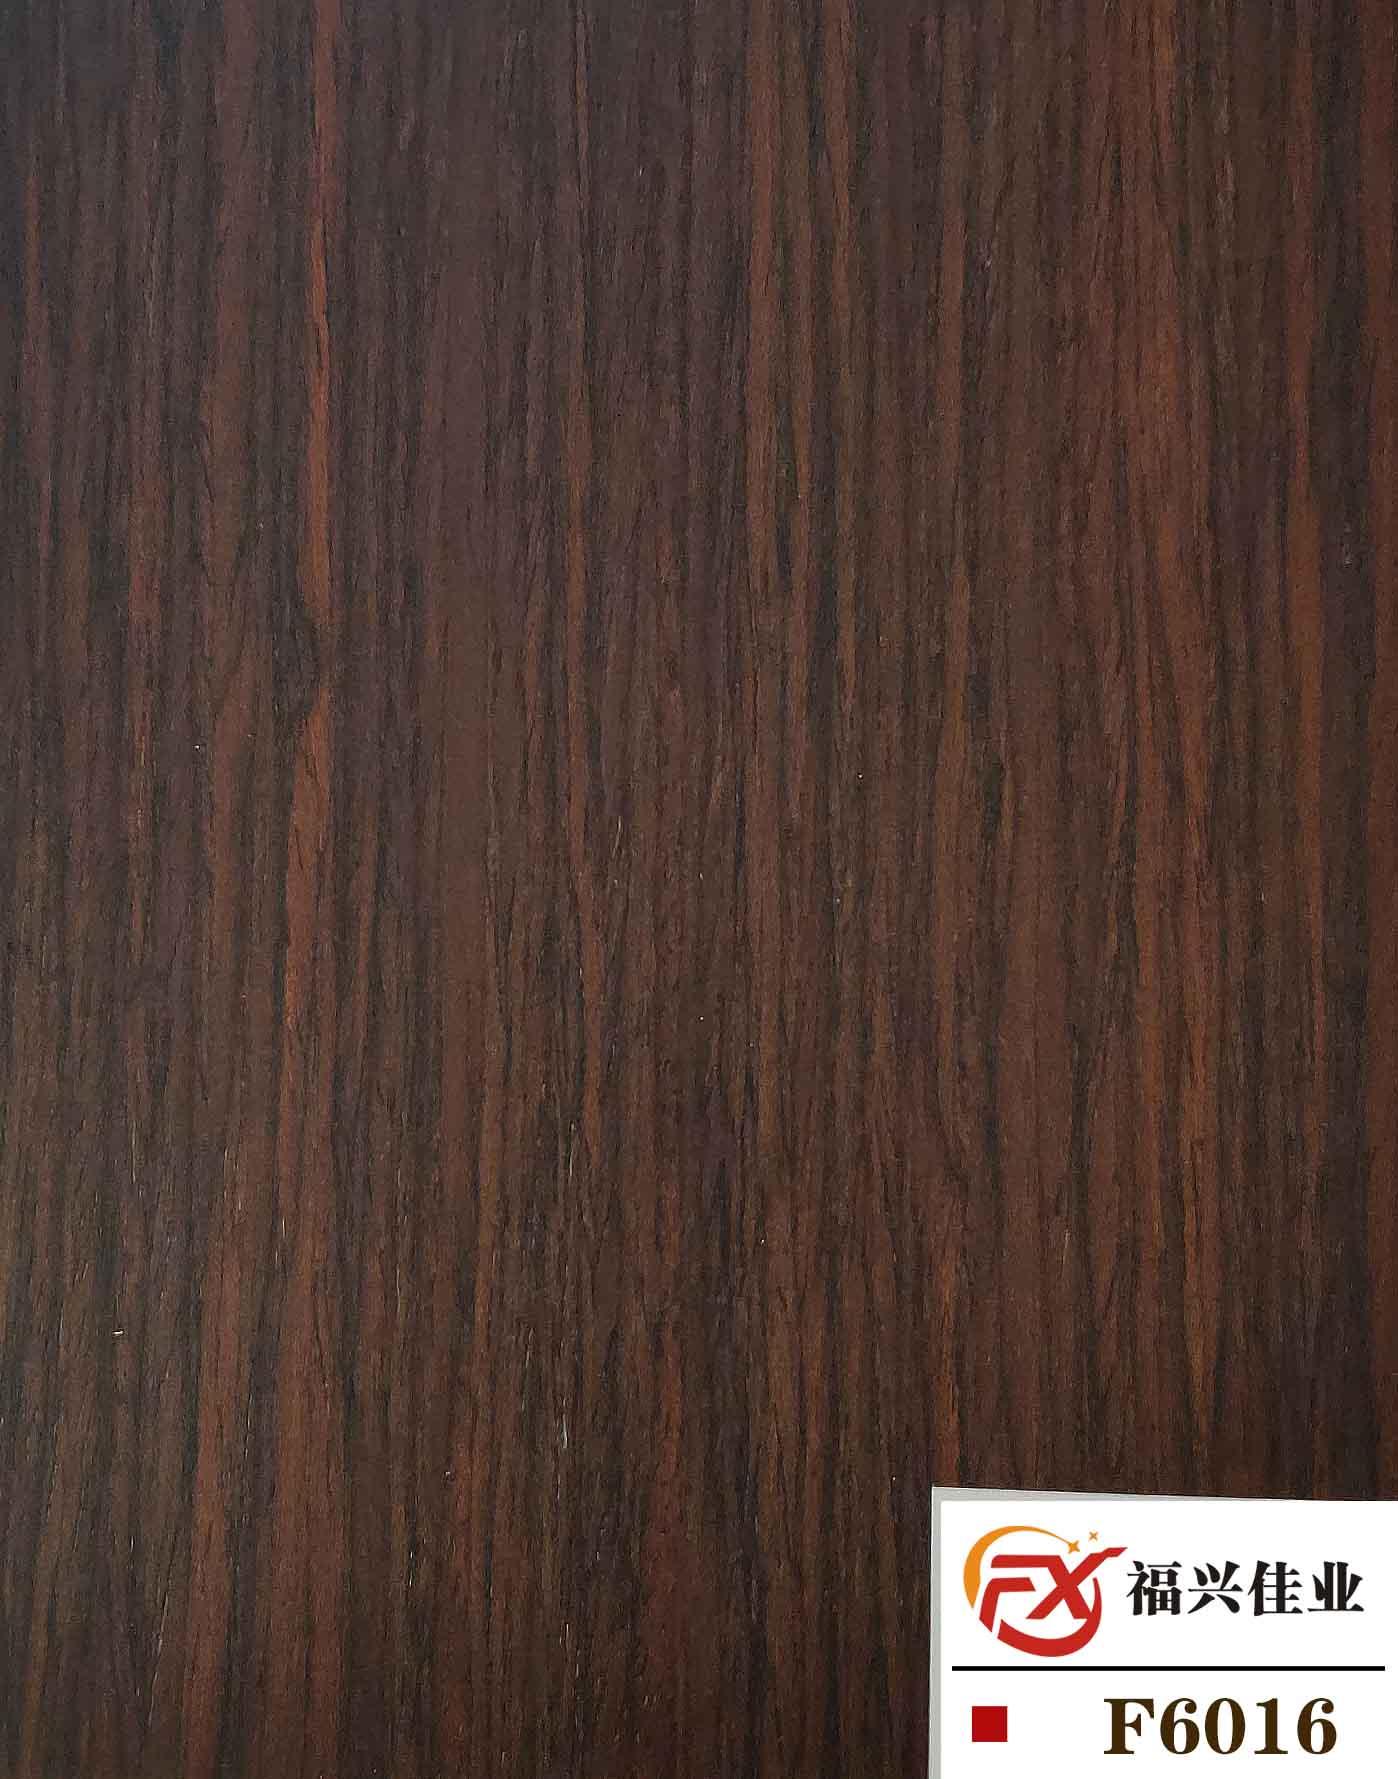 木饰面板生产